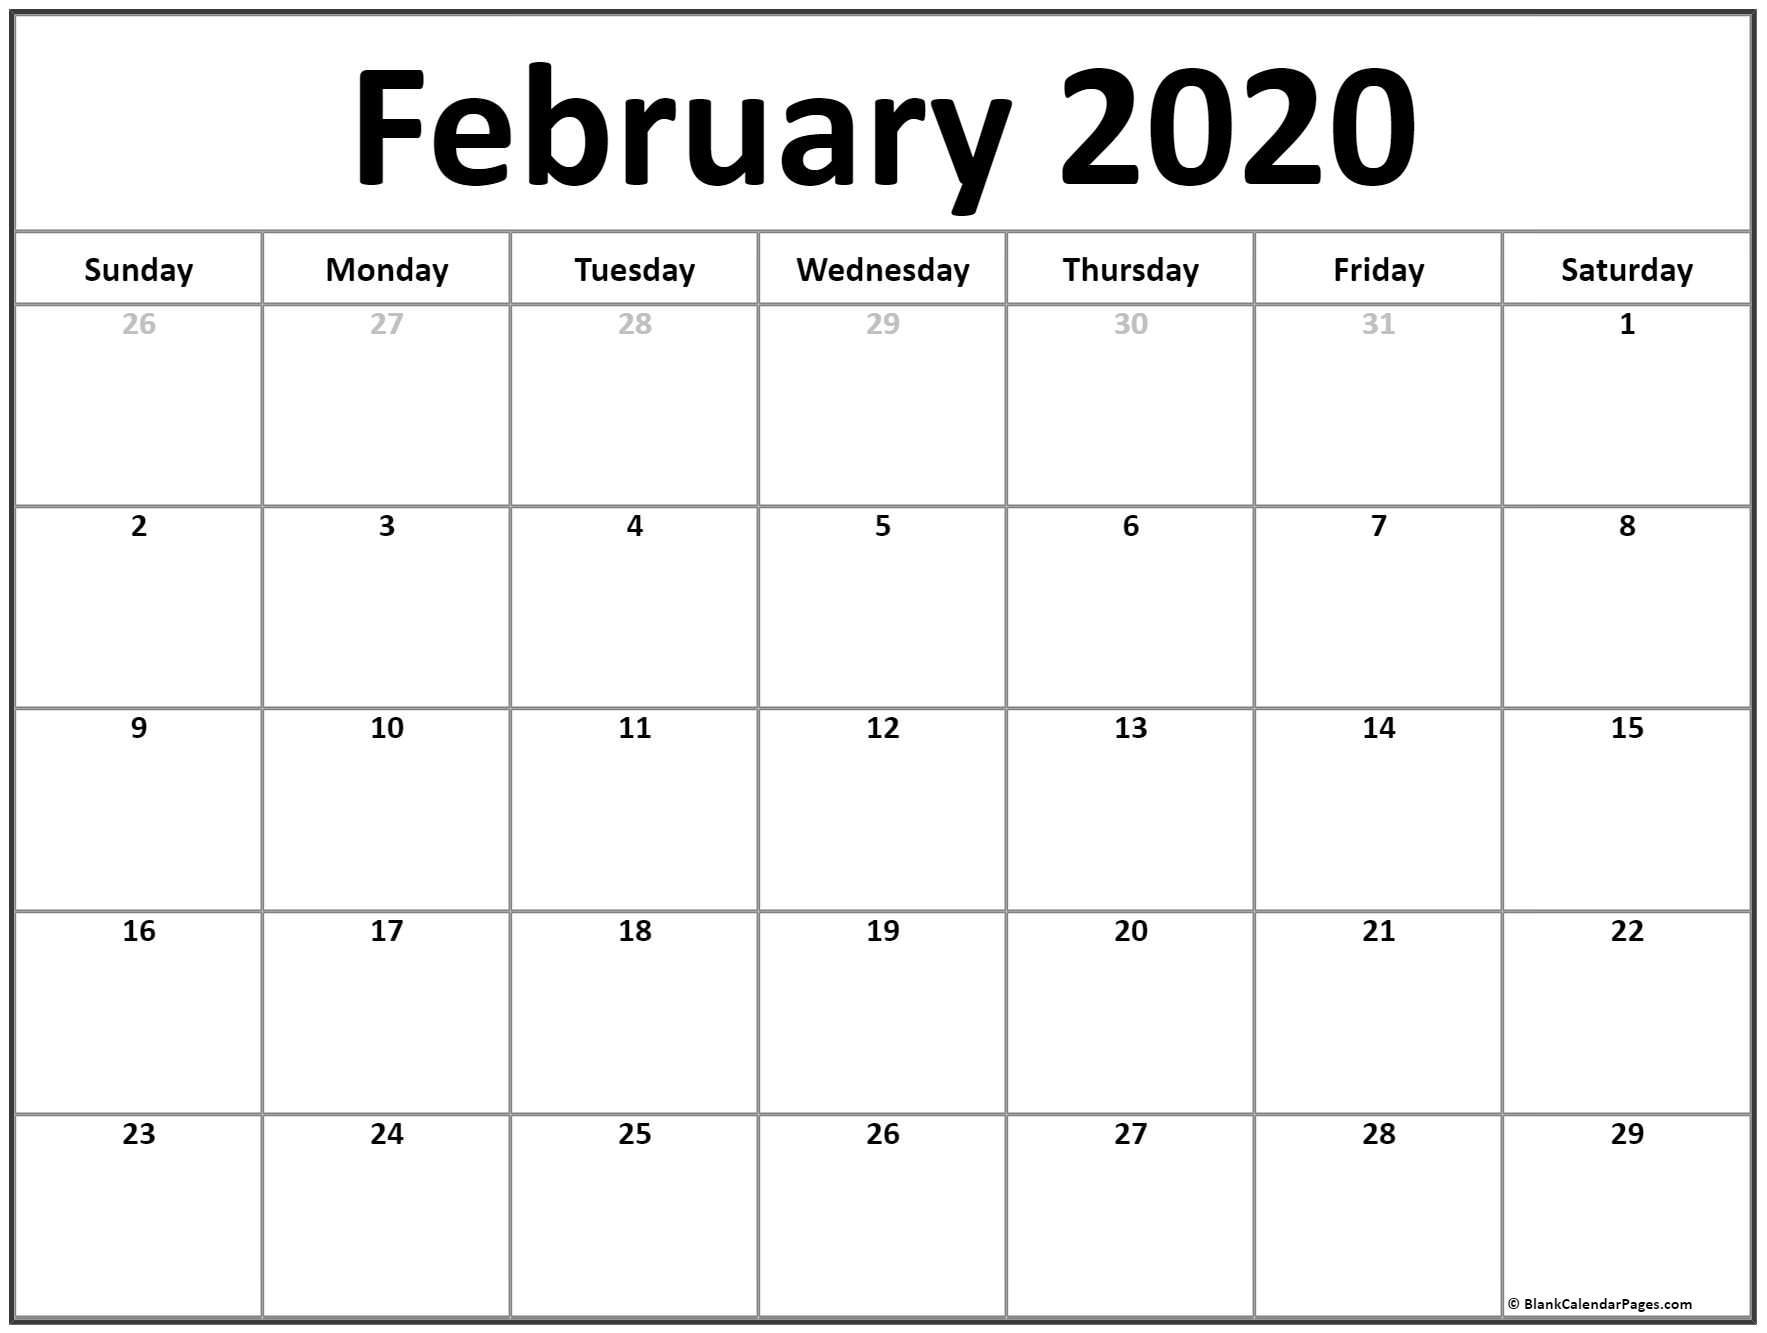 2020 February Calendar Printable February 2020 Calendar